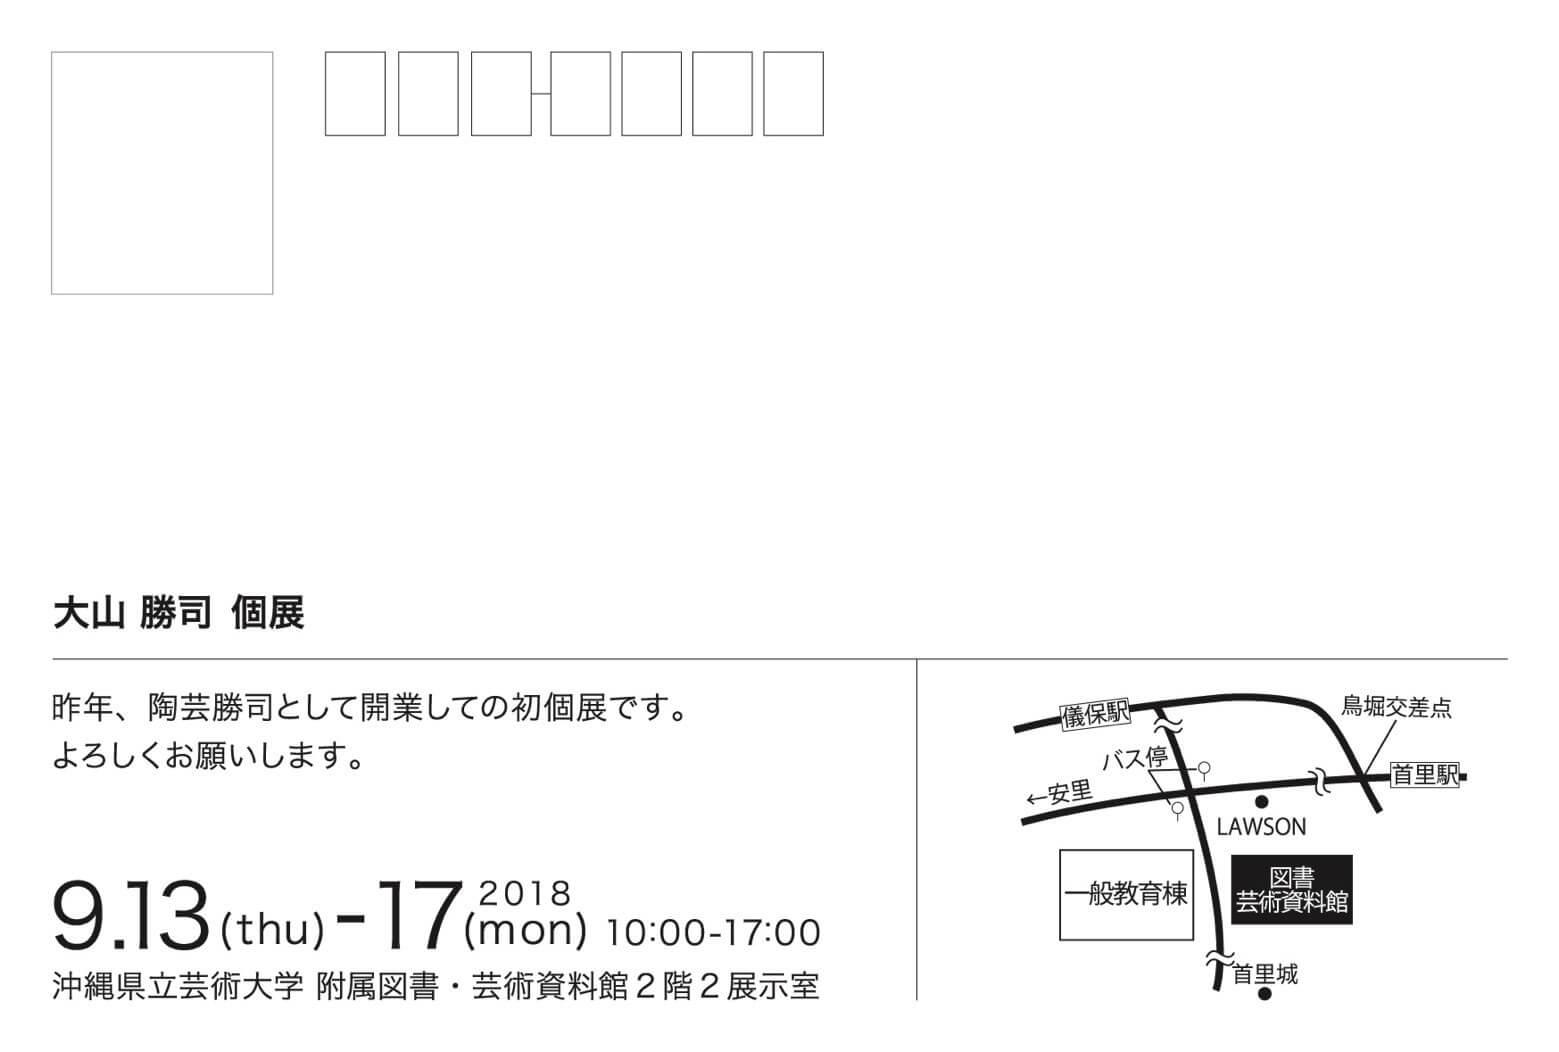 [フライヤー]大山勝司個展(裏)